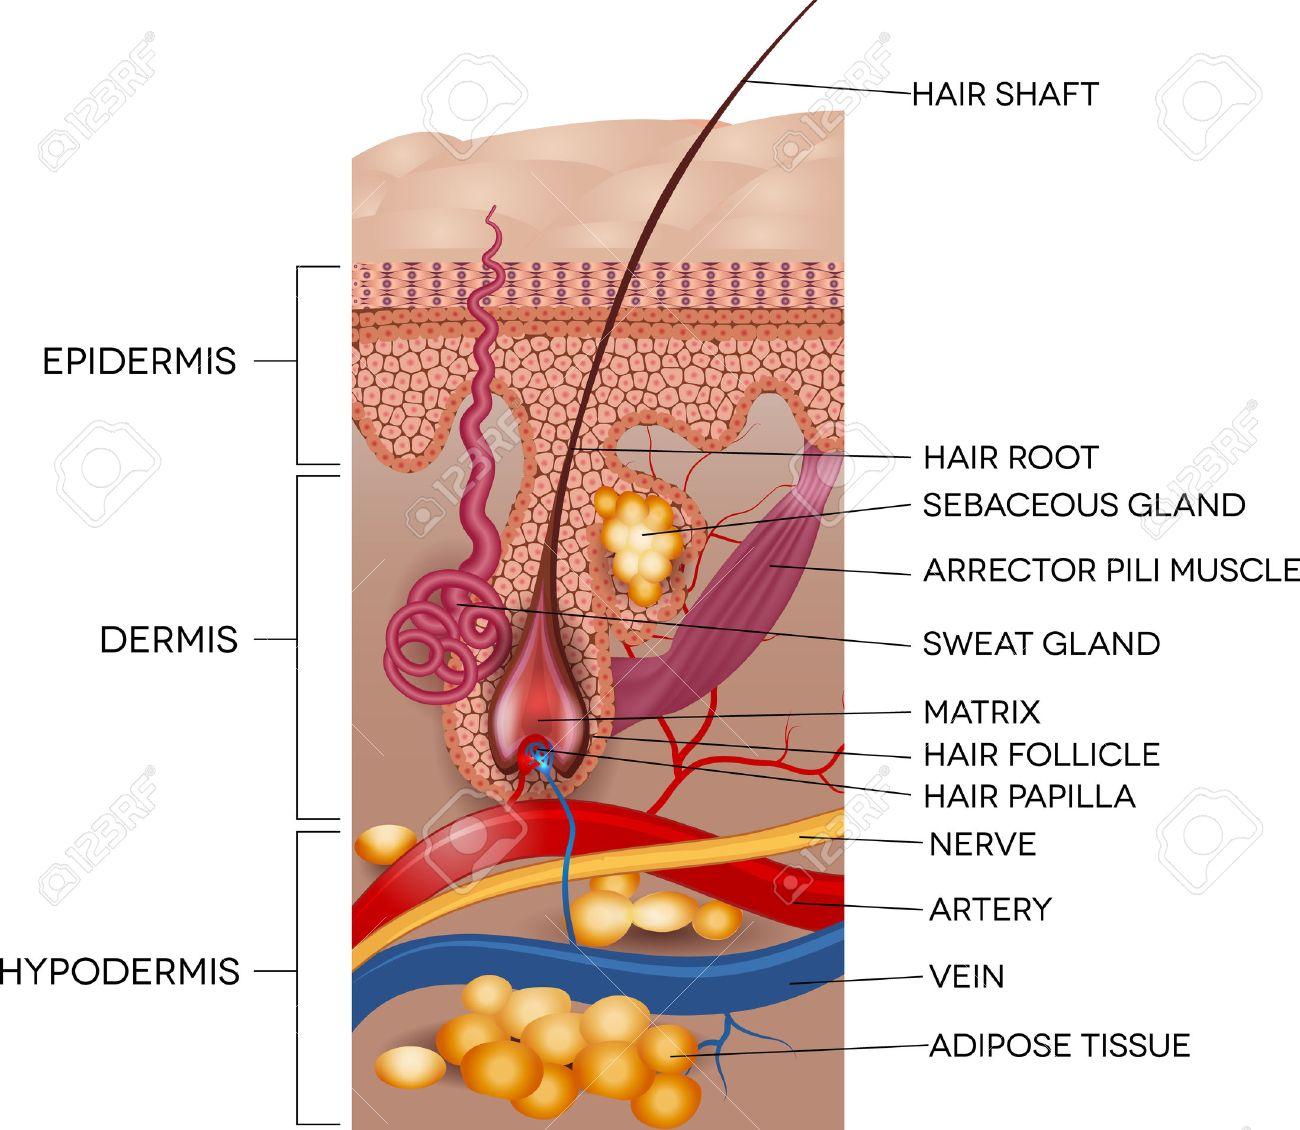 Piel Etiquetada Y Anatomía Del Cabello. Ilustración Médica Detallada ...